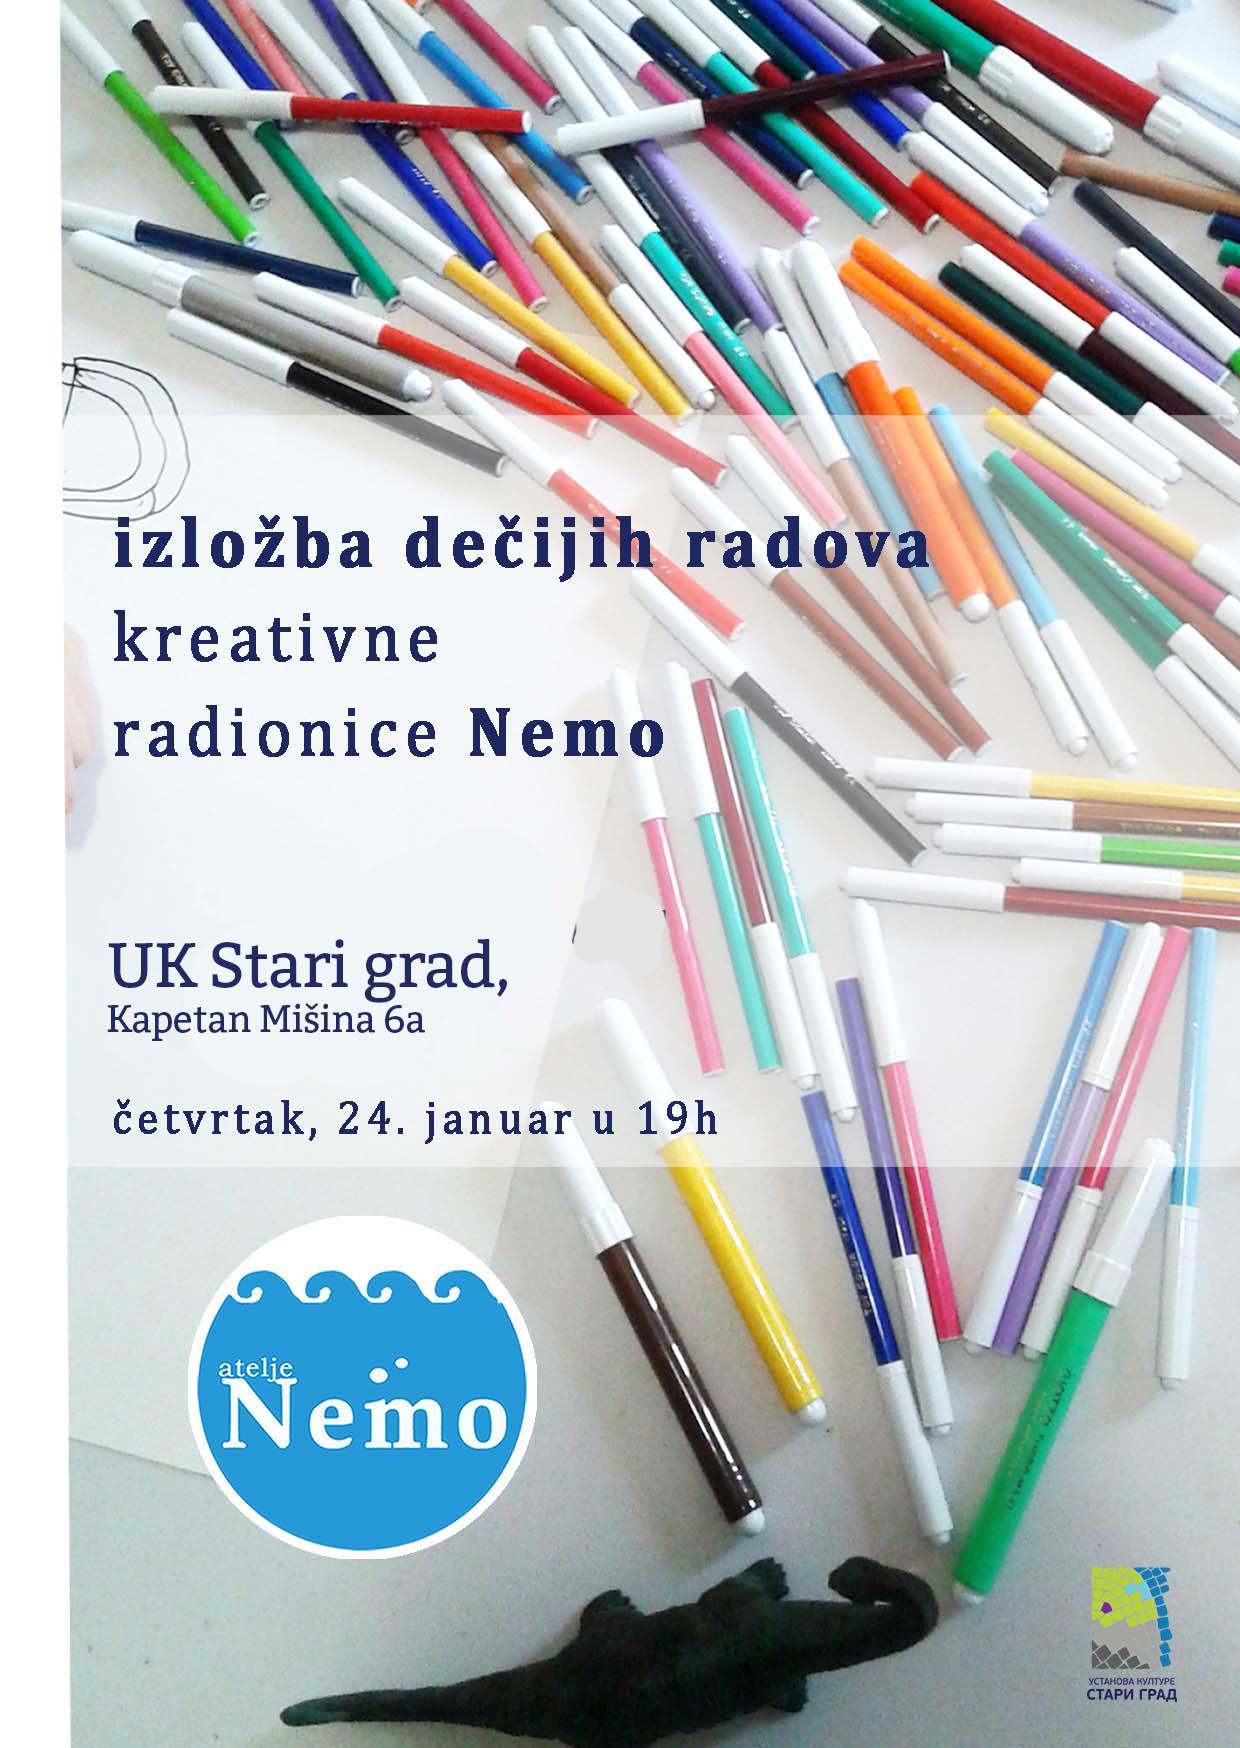 Izložba dečijih radova kreativne radionice Nemo